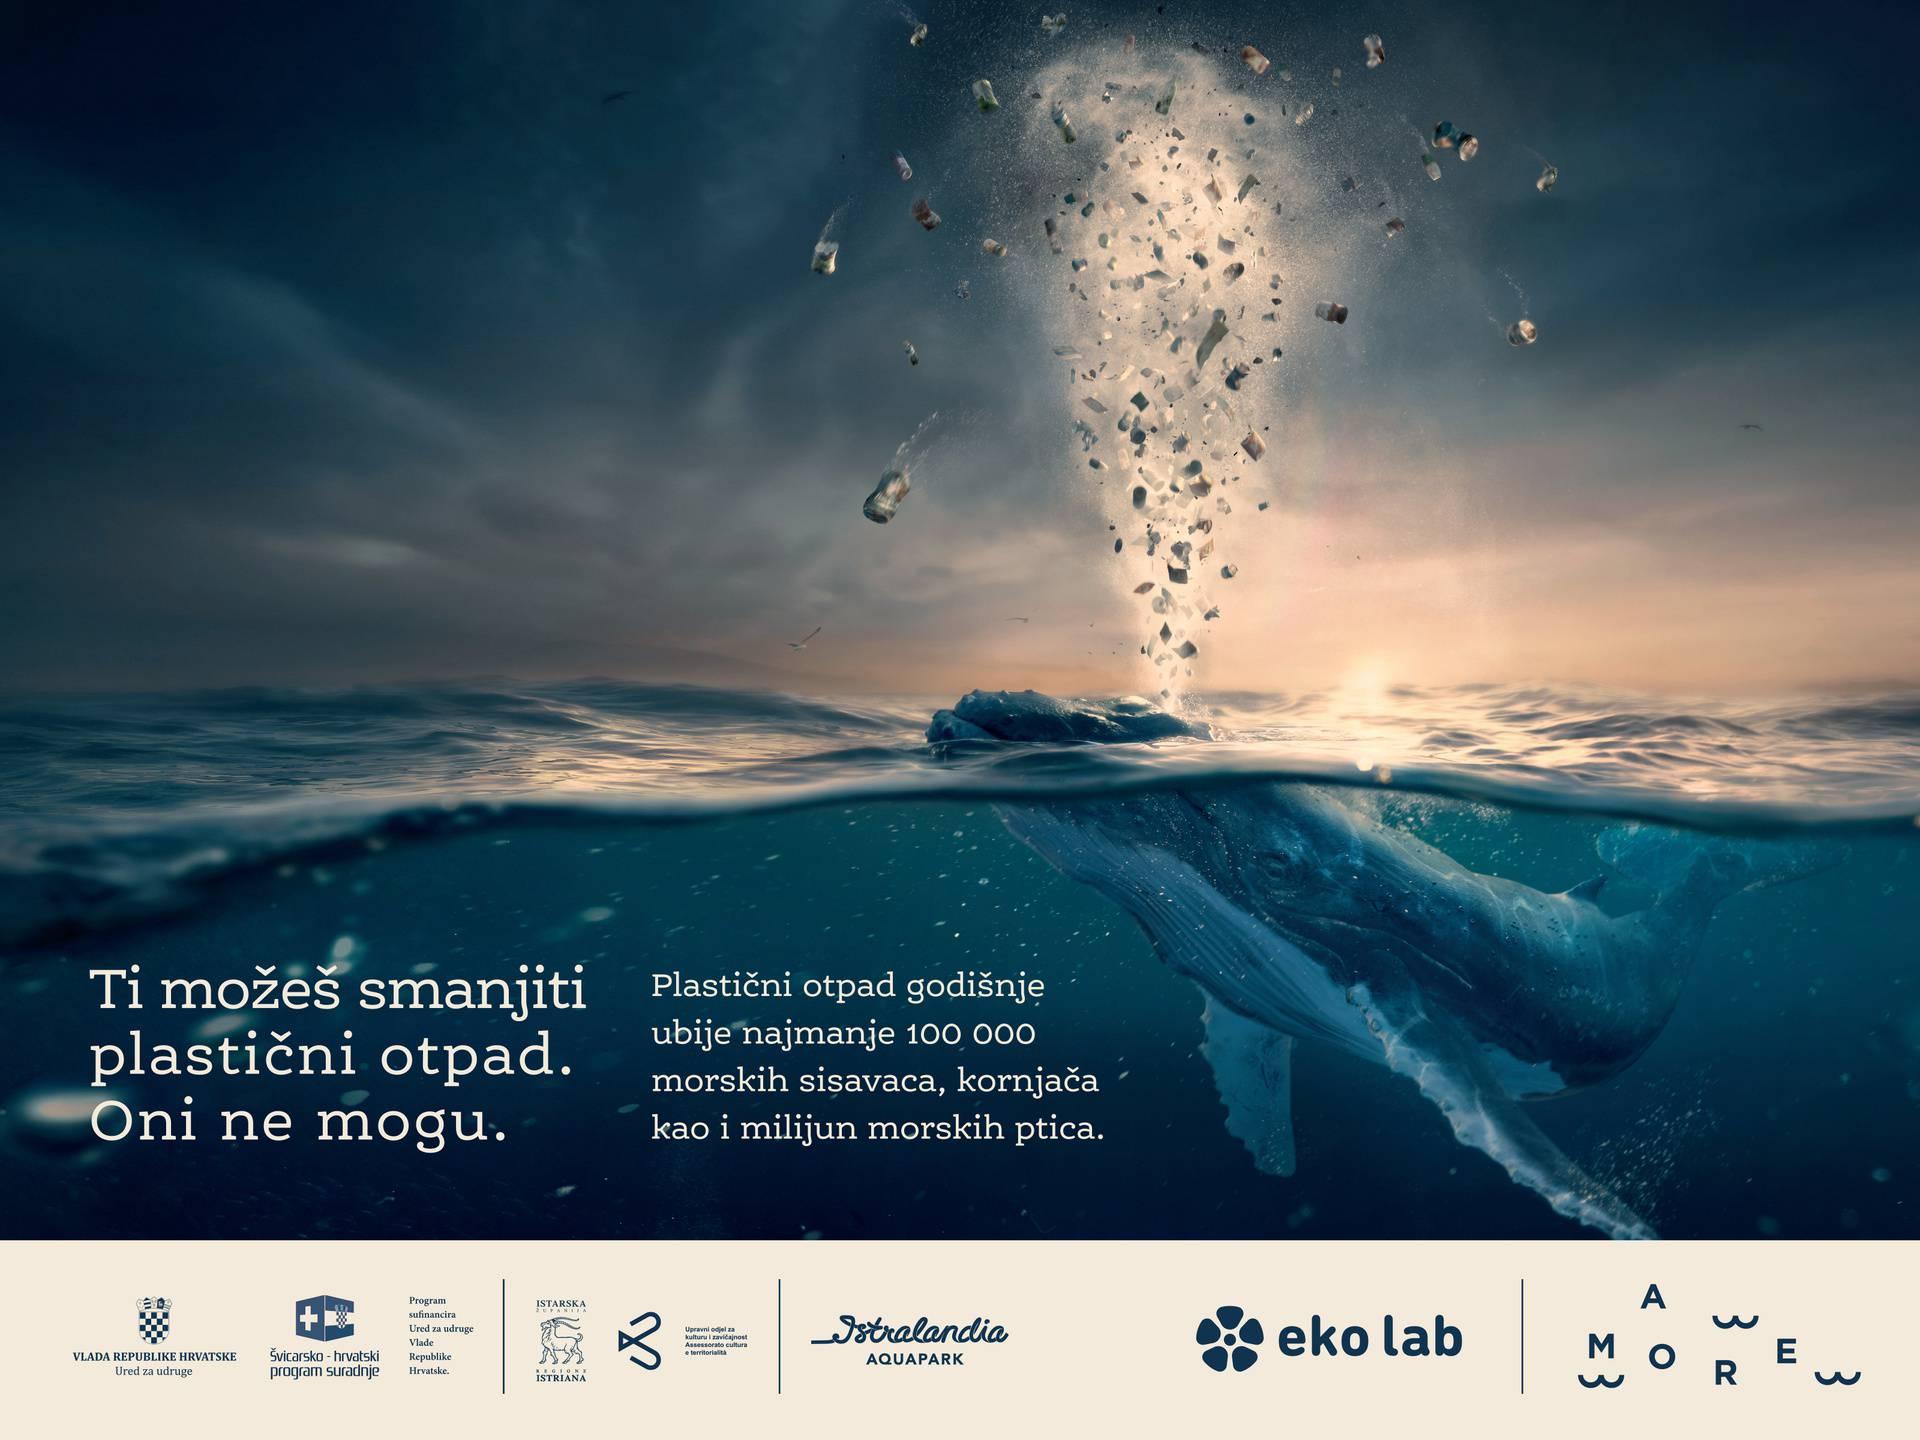 Vrijeme je za promjene: Plastici nije mjesto na morskom dnu